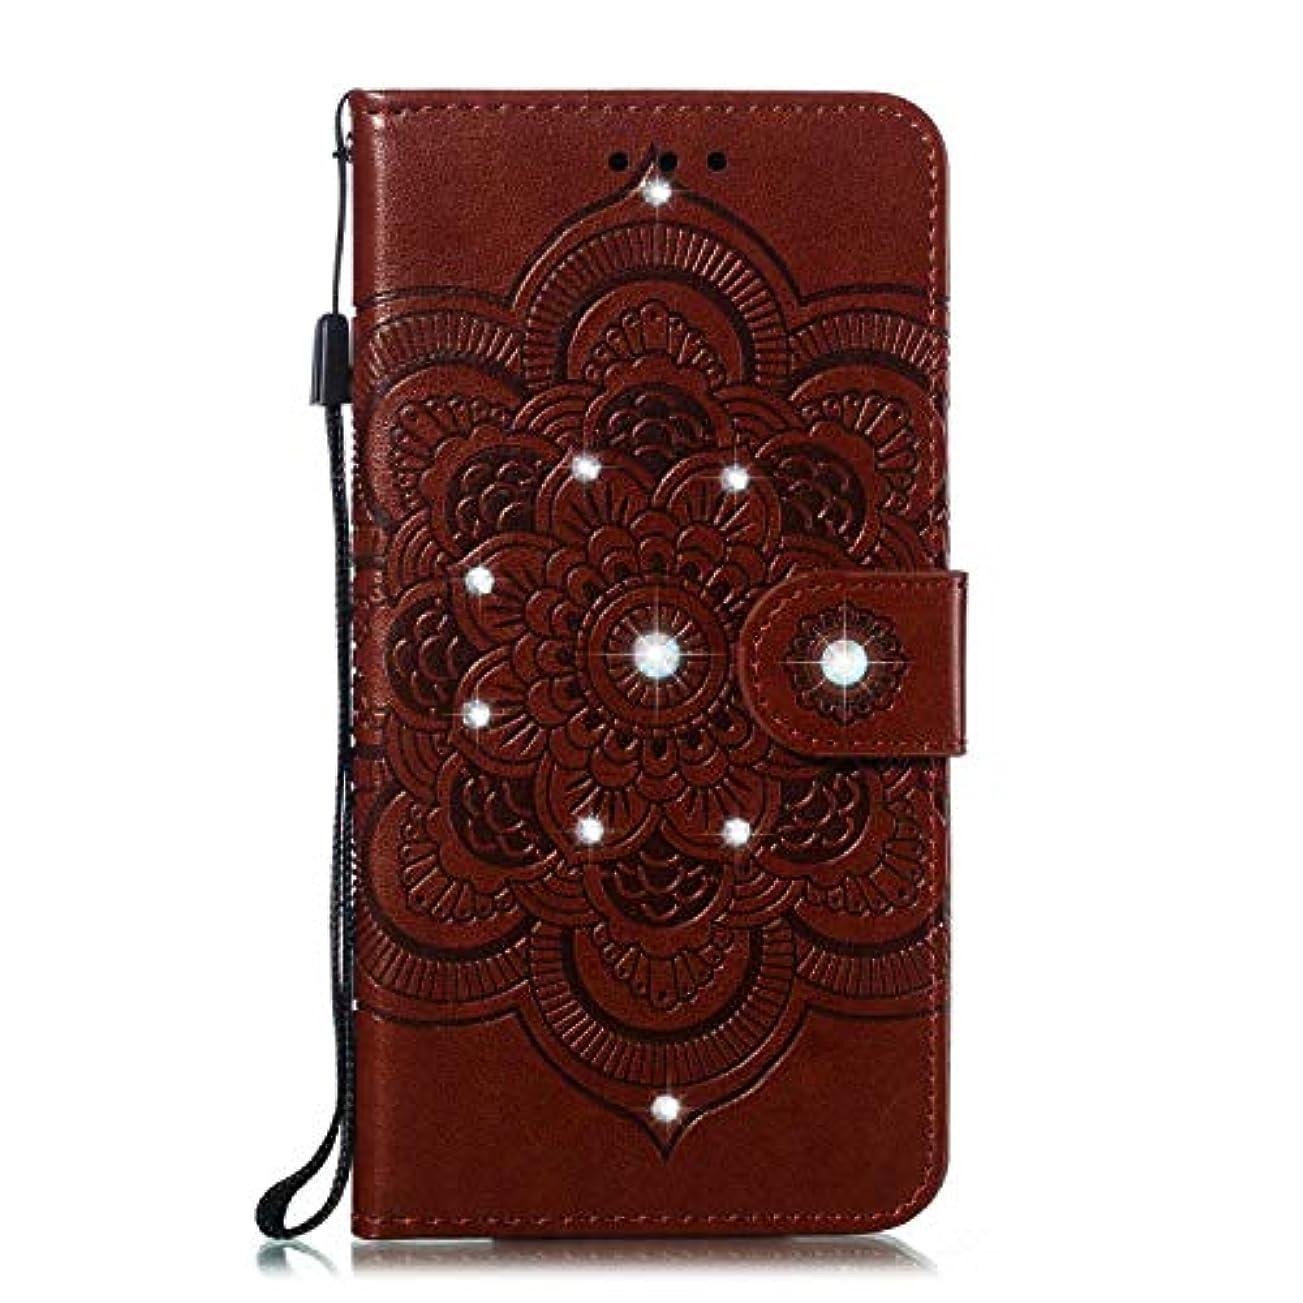 繊毛モザイク科学OMATENTI Huawei Honor 10 ケース 手帳型 かわいい レディース用 合皮PUレザー 財布型 保護ケース ザー カード収納 スタンド 機能 マグネット 人気 高品質 ダイヤモンドの輝き マンダラのエンボス加工 ケース, 褐色